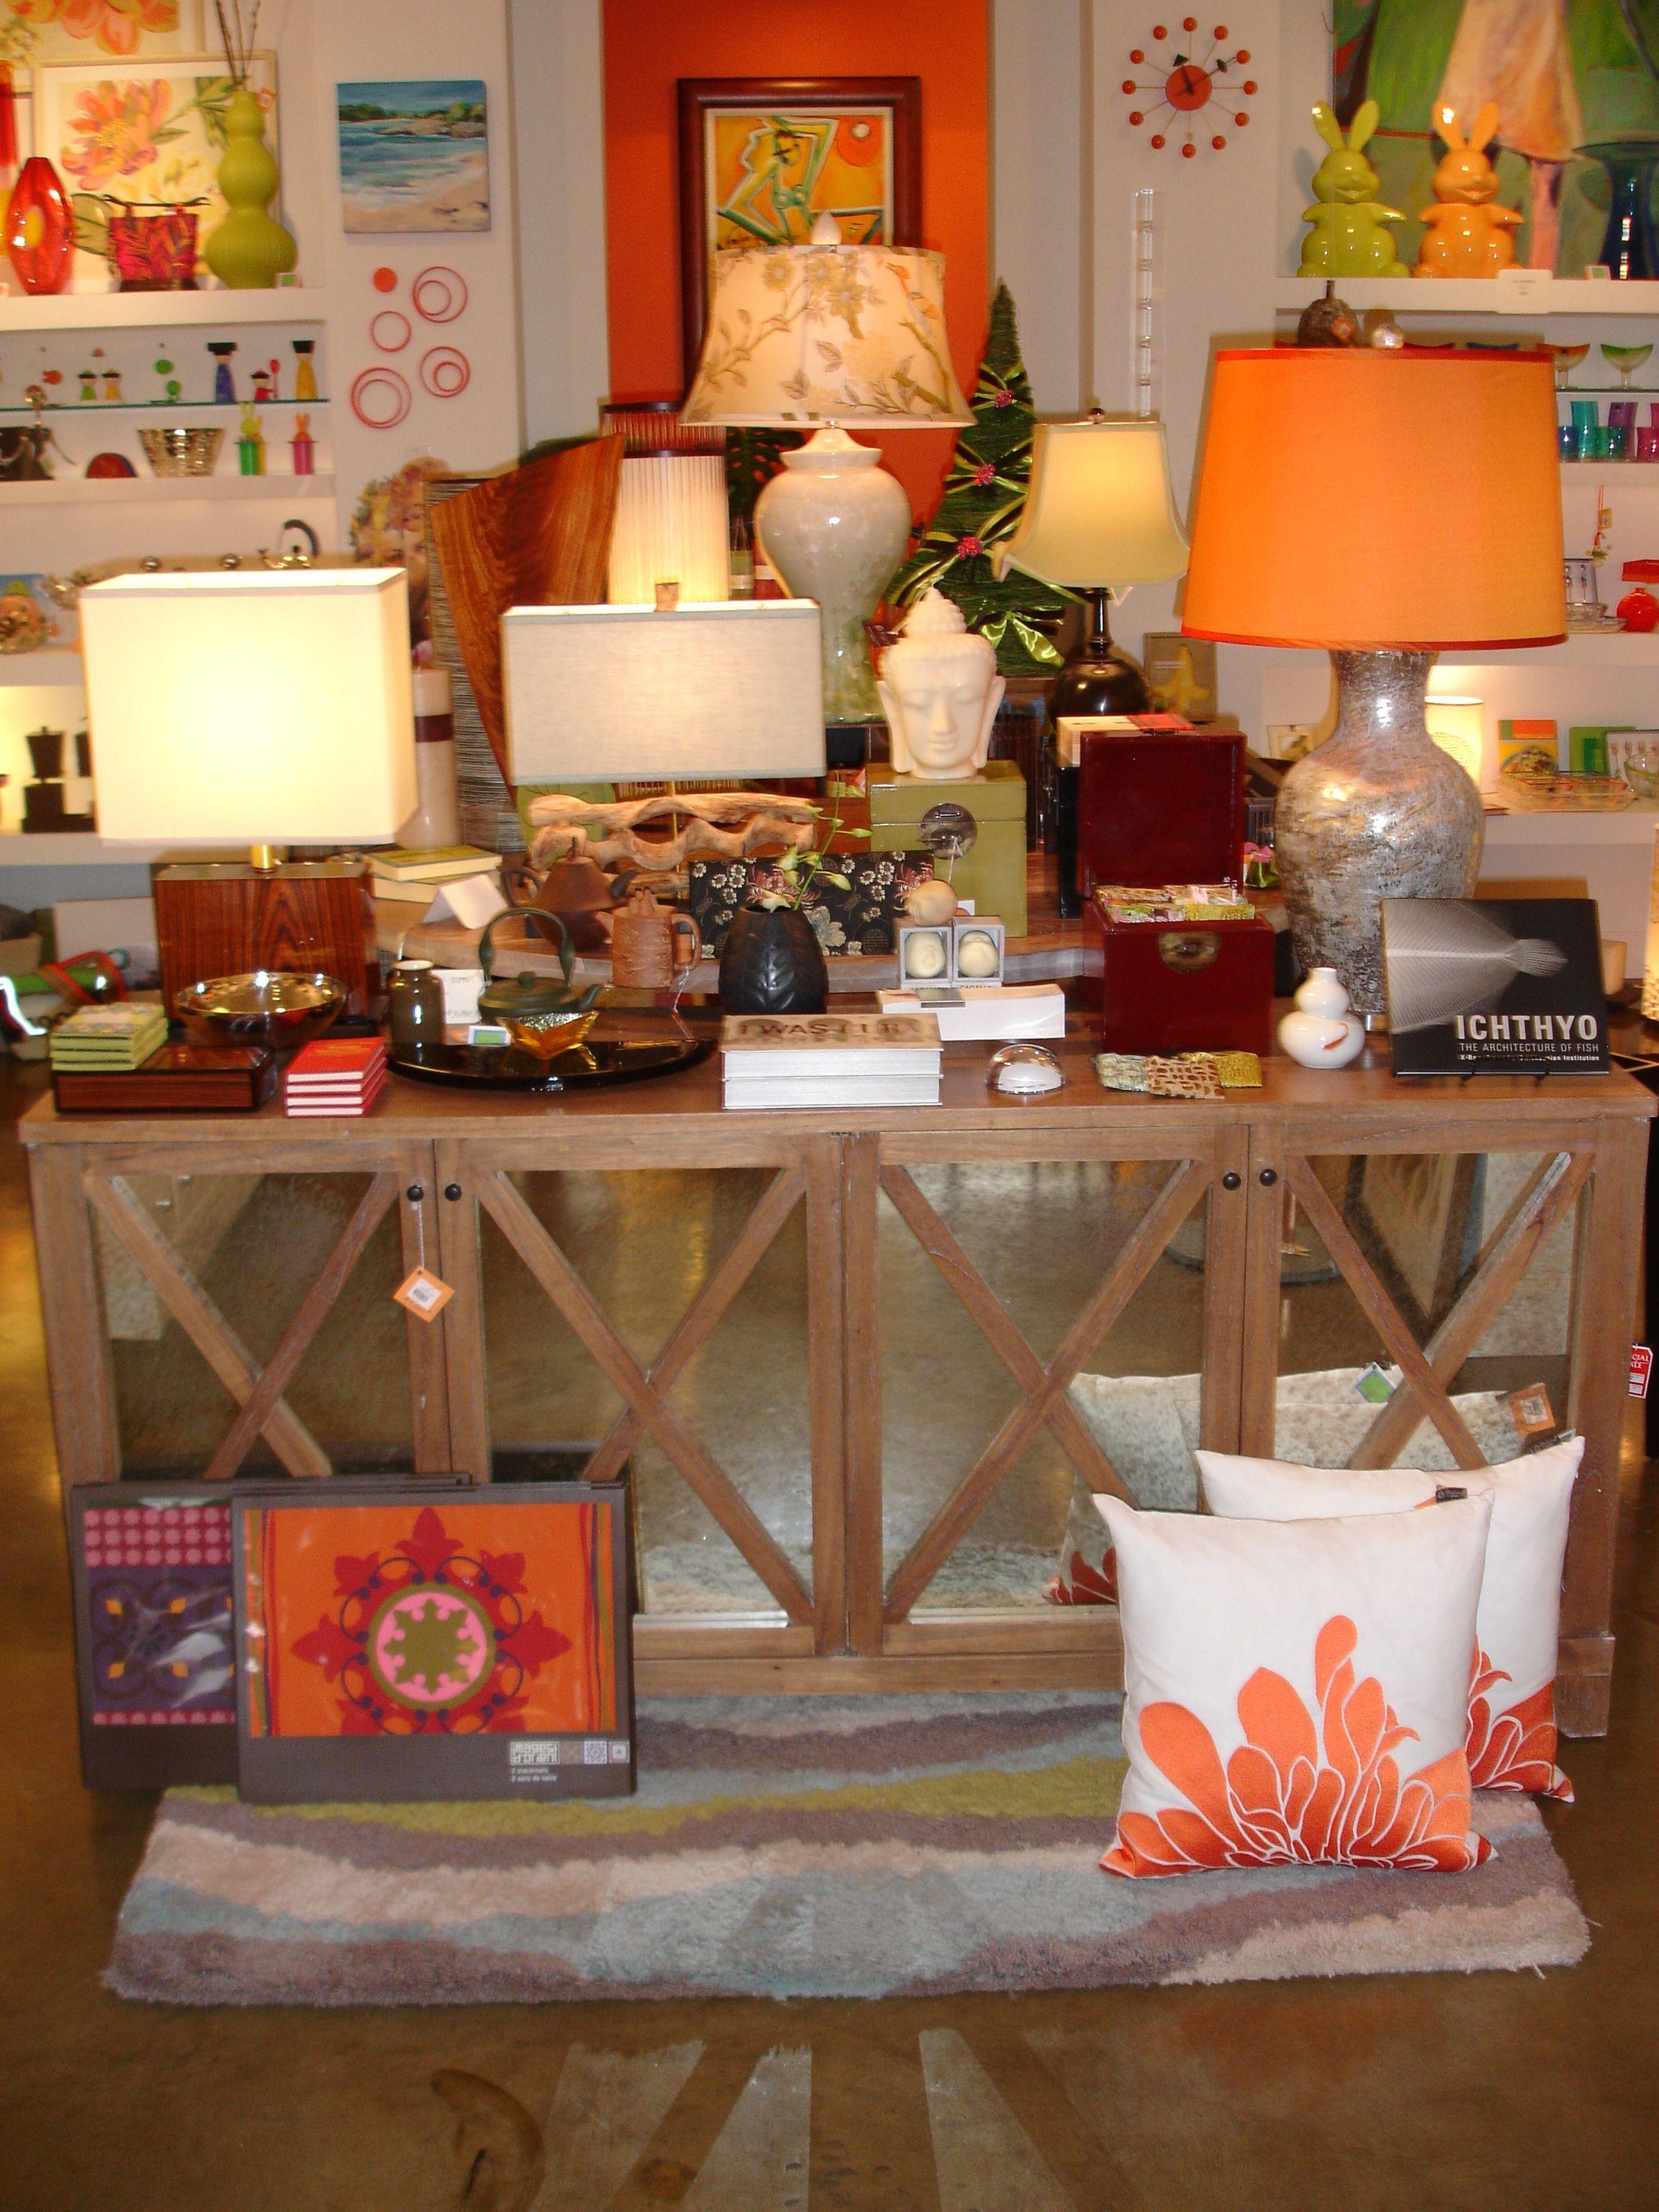 Unique Home Decor Accessories Orange Home Decor Elegant Home Decor Home Decor Accessories